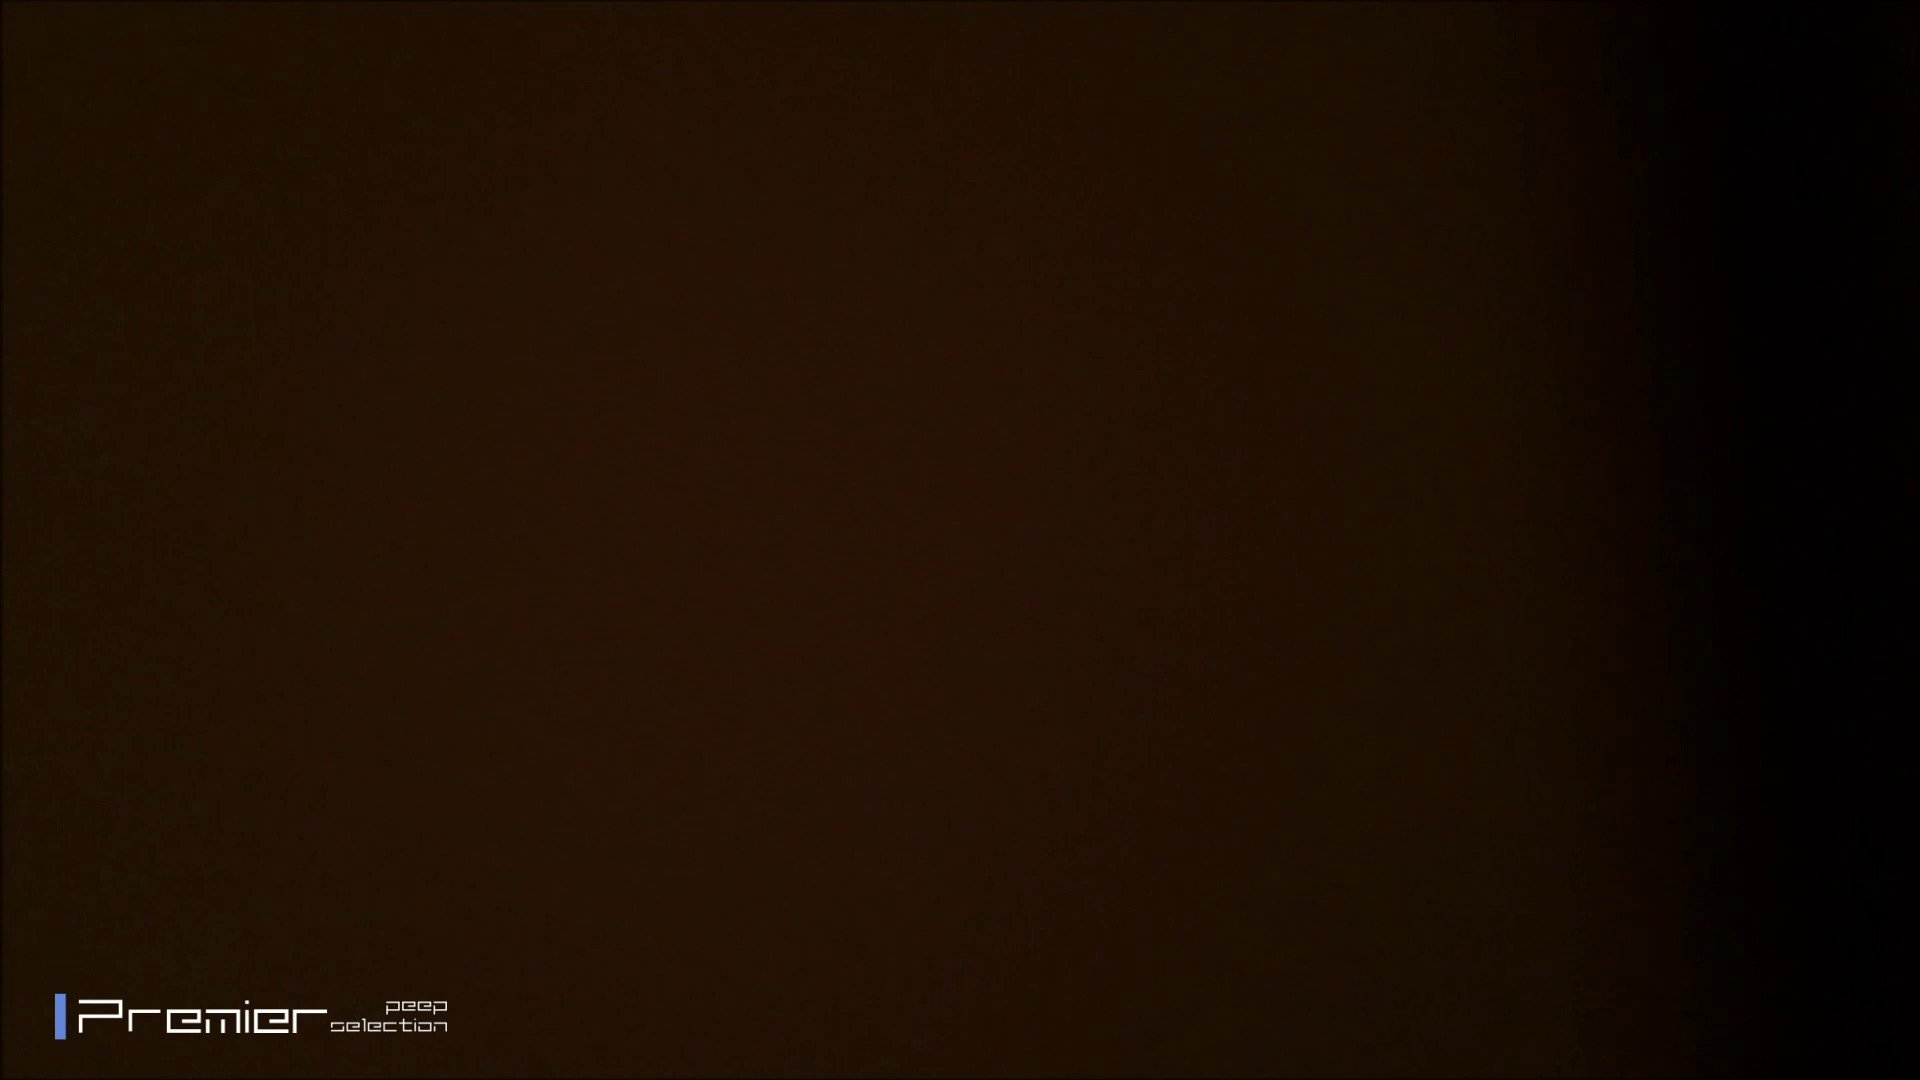 色白美乳女良の入浴 乙女の風呂場 Vol.02 入浴 盗撮 52PIX 4